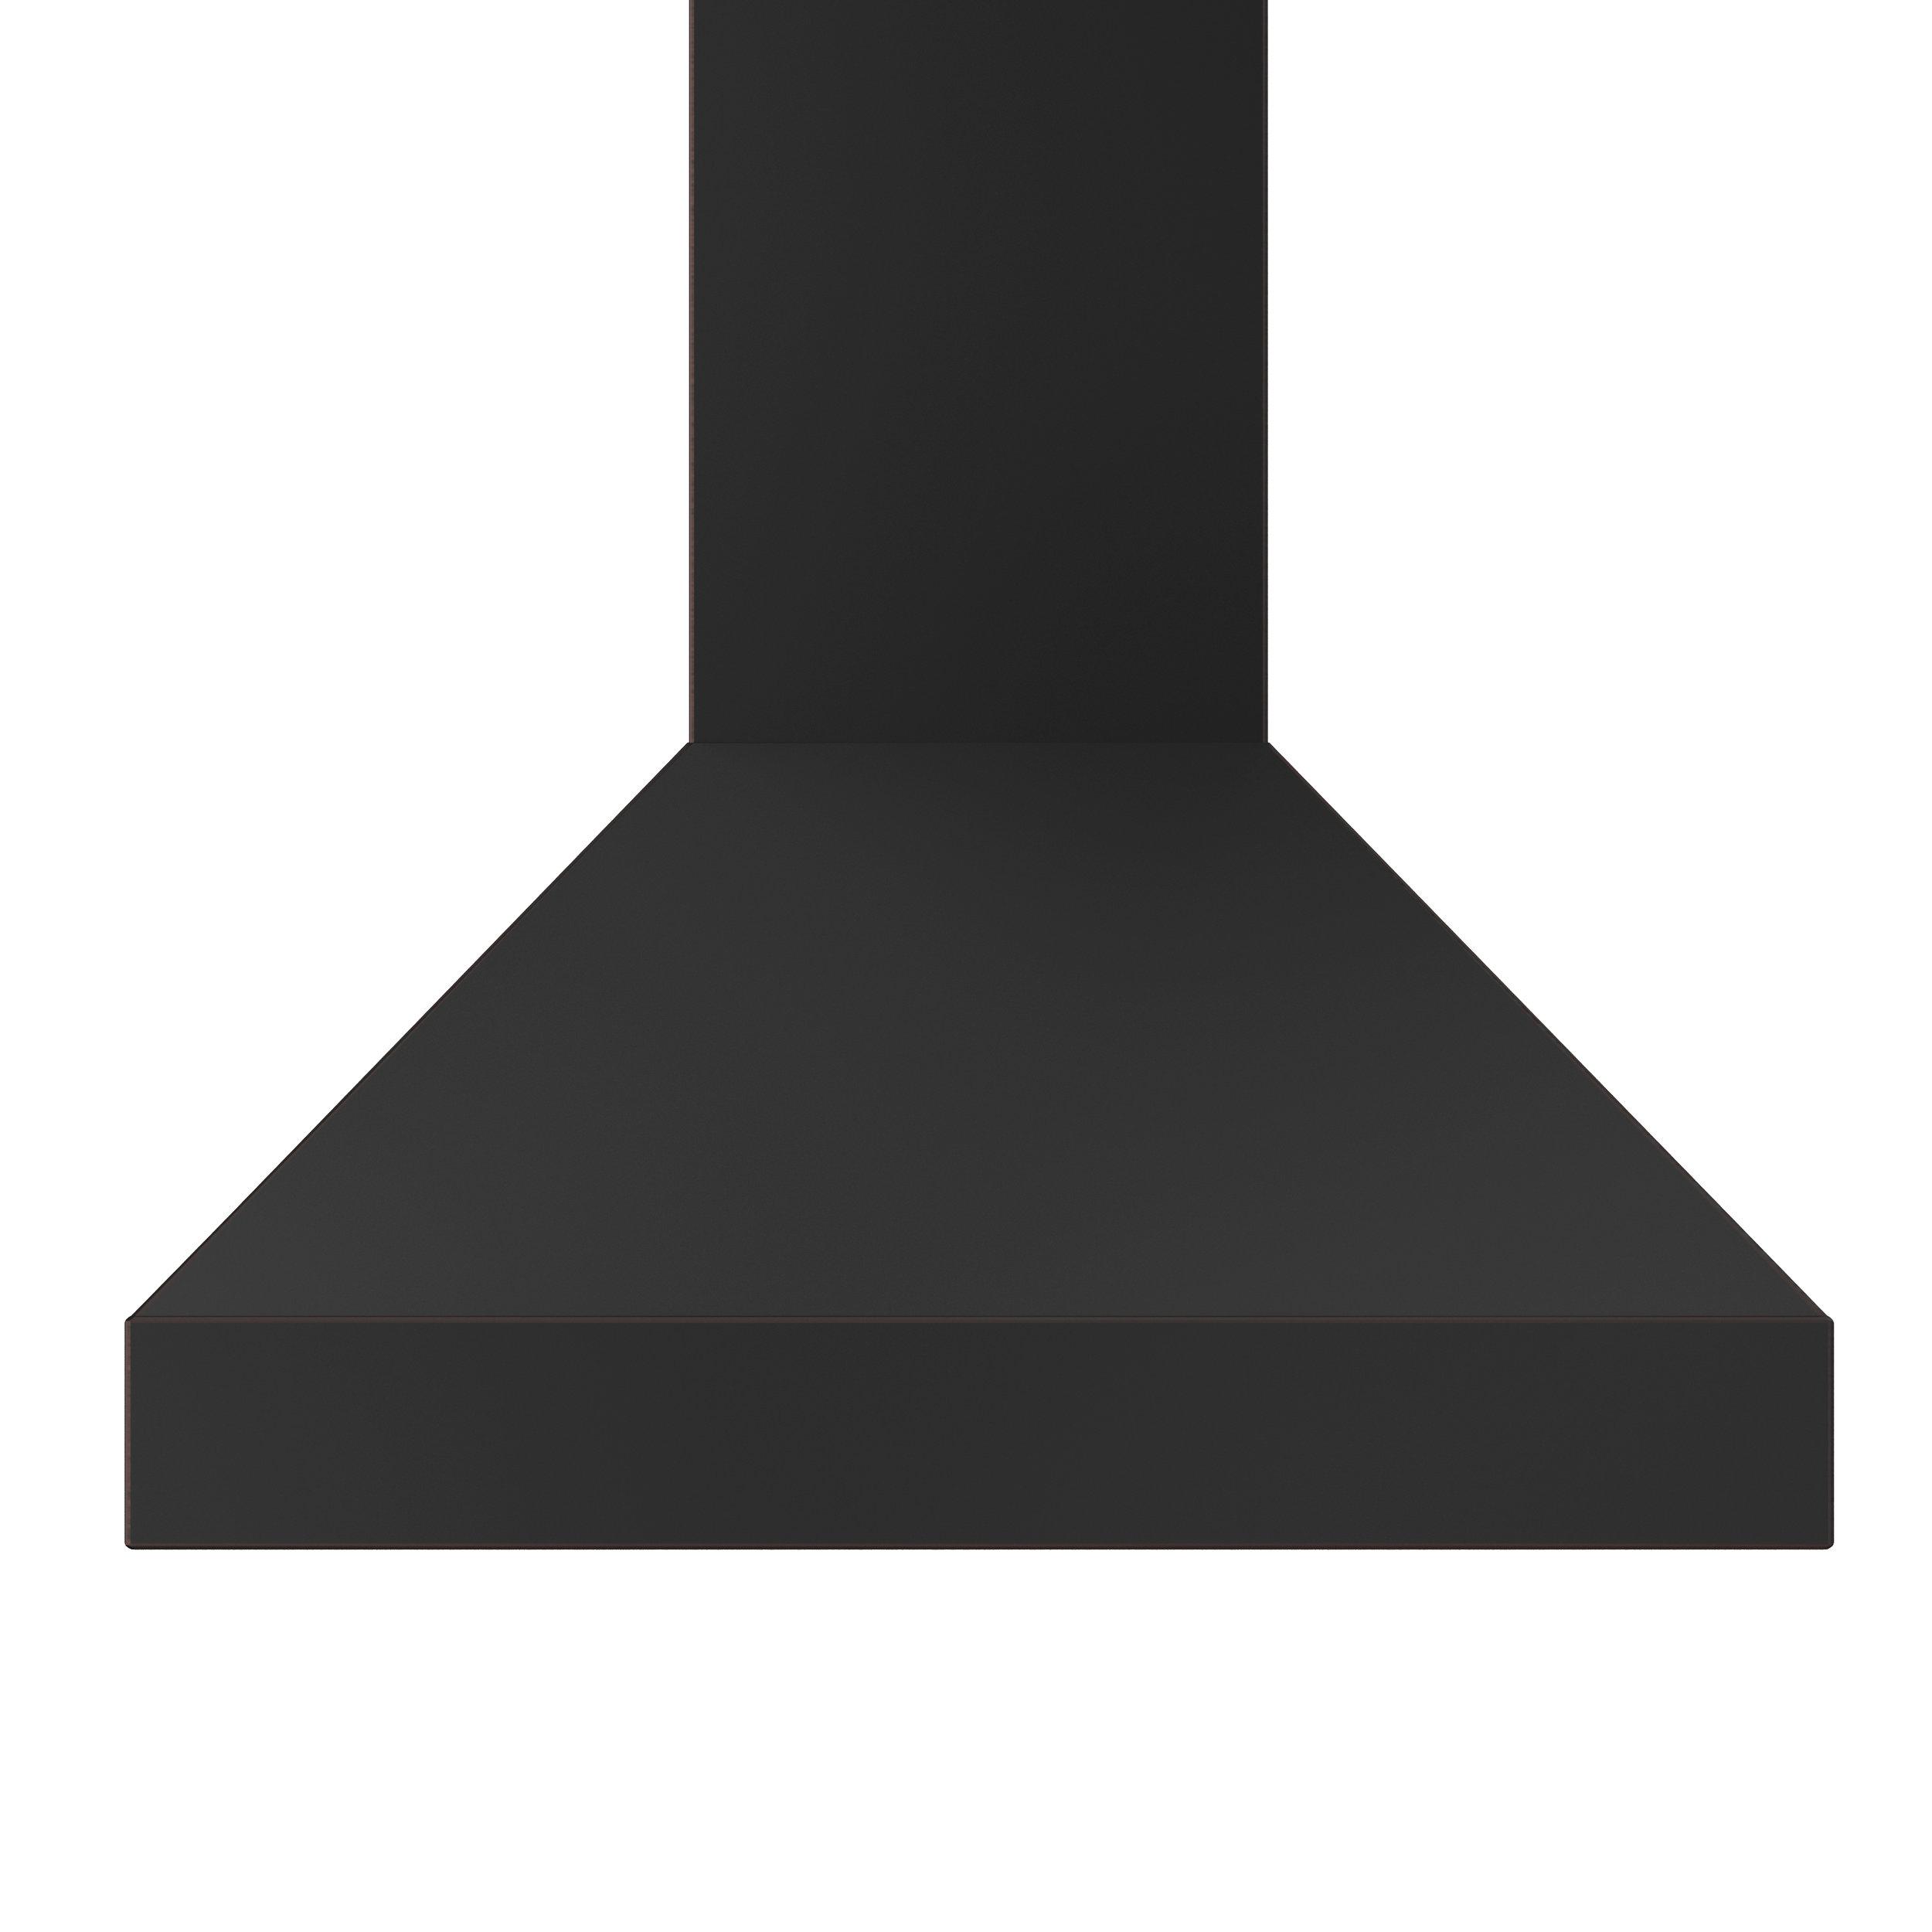 zline-copper-wall-mounted-range-hood-8667B-front.jpg